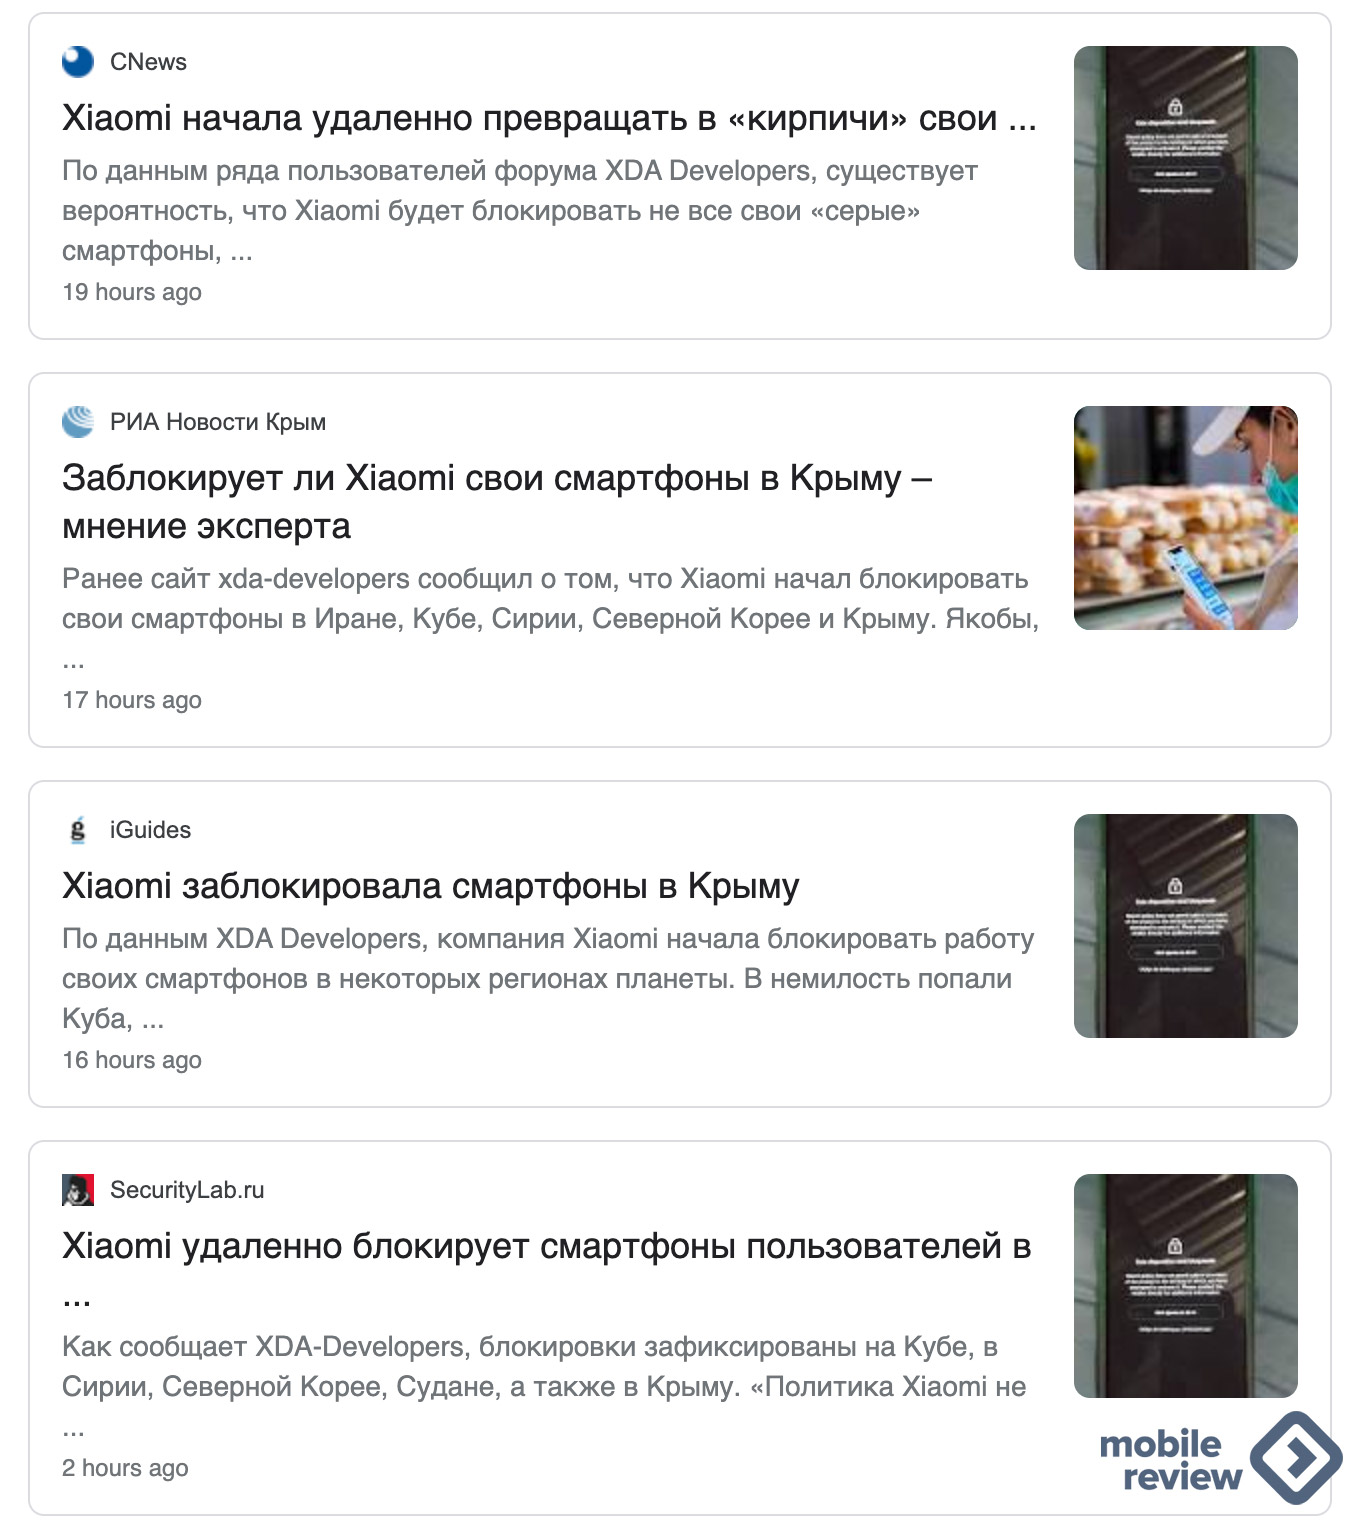 Блокировка смартфонов Xiaomi в Крыму — мифическая история и ее последствия